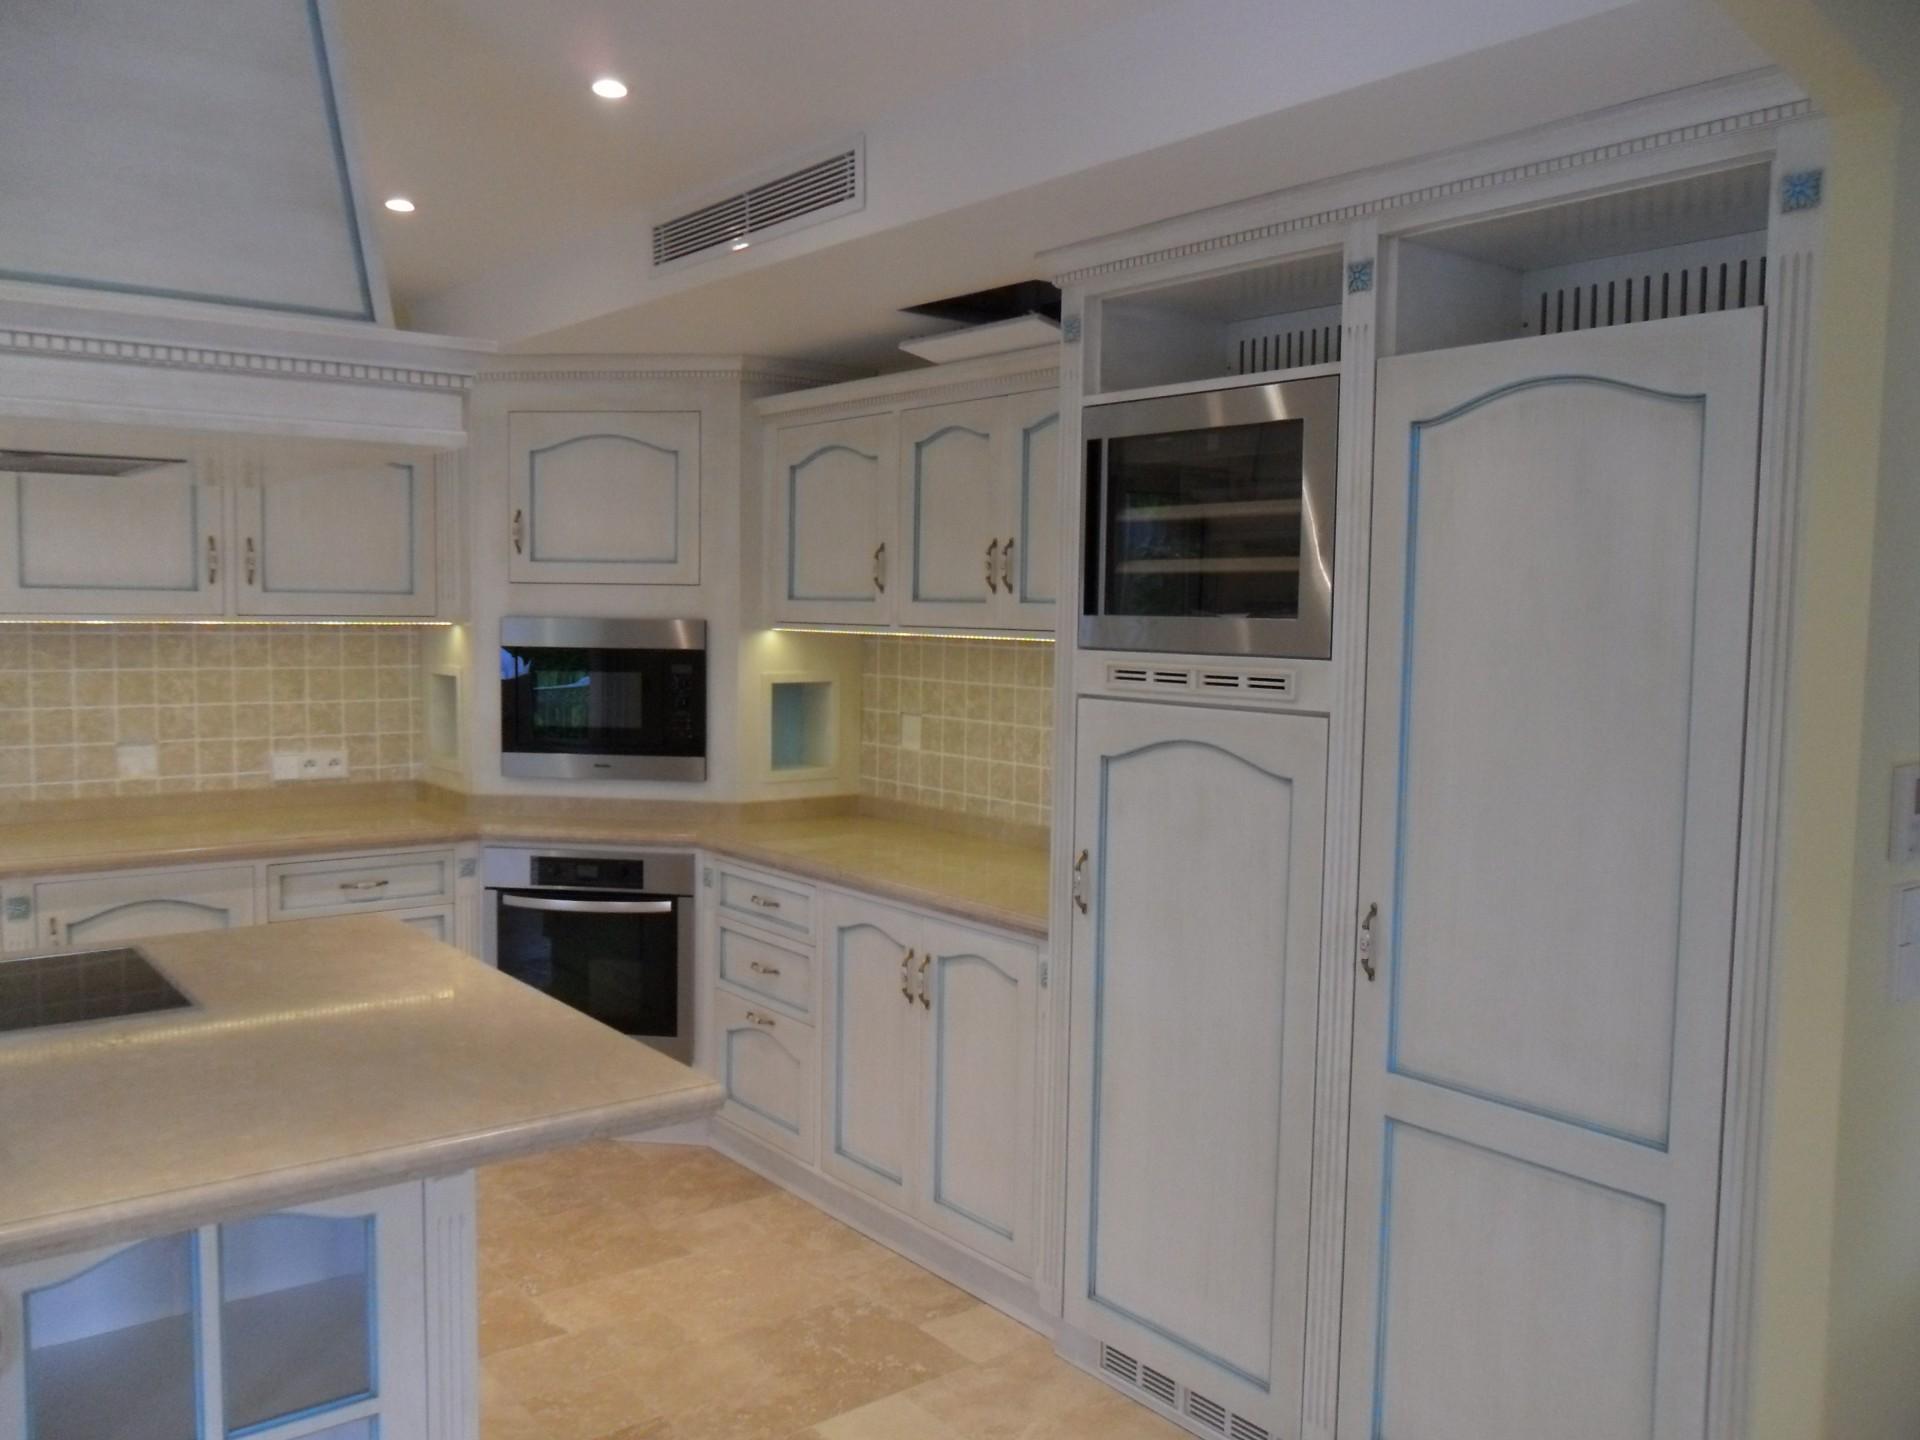 Cucina con angolo bar elegant cucine con angolo bar with cucina